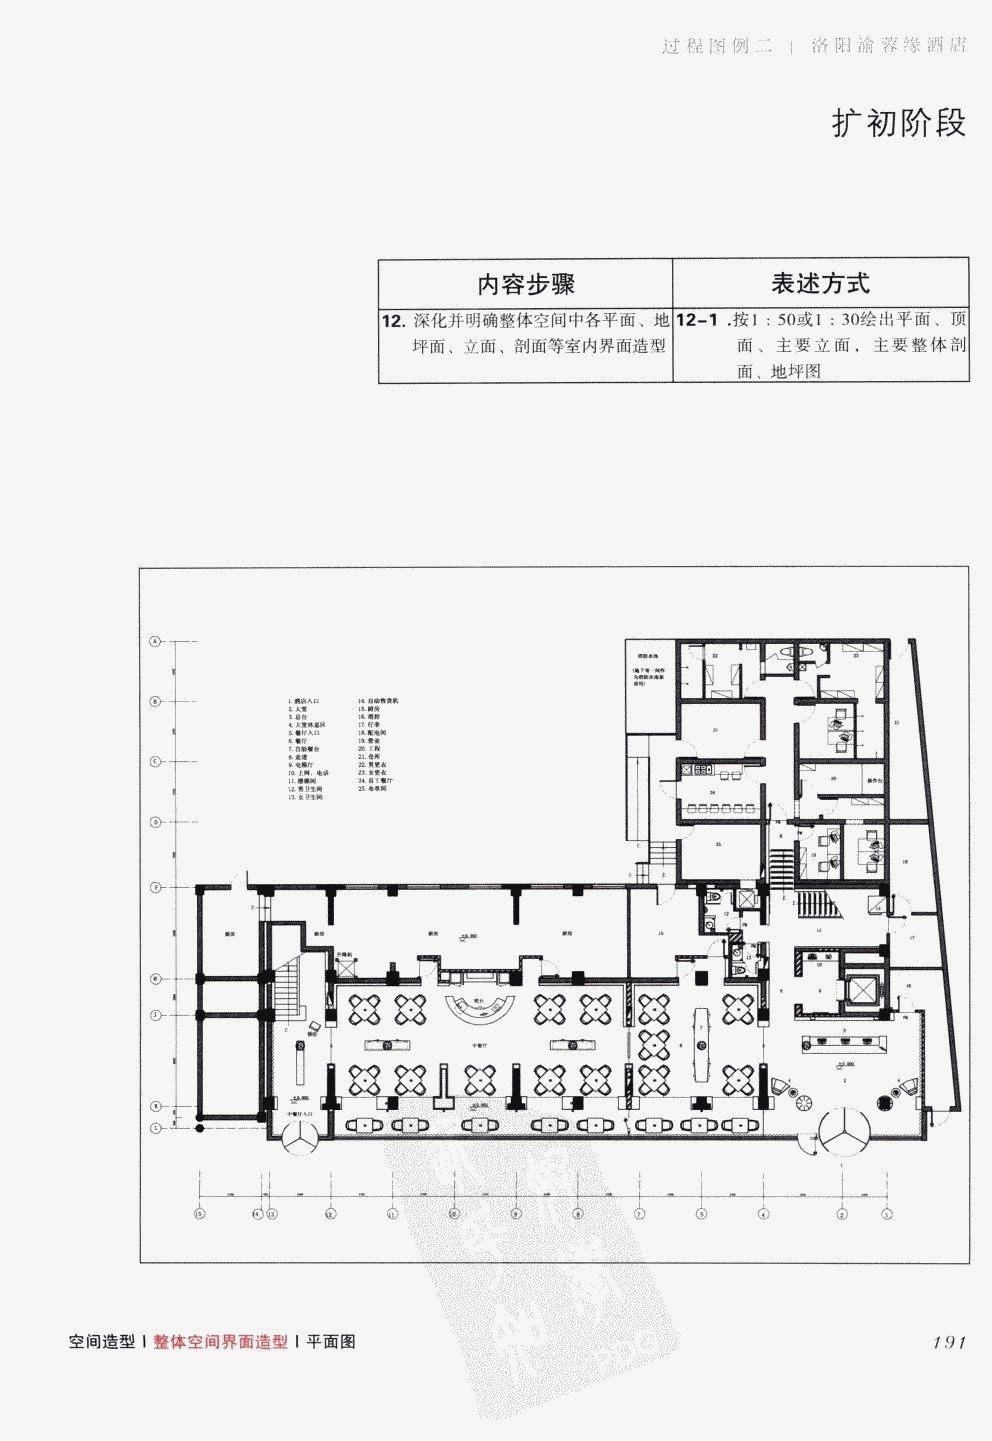 室内设计纲要++概念思考与过程表达_室内设计纲要  概念思考与过程表达_1297982..._页面_199.jpg